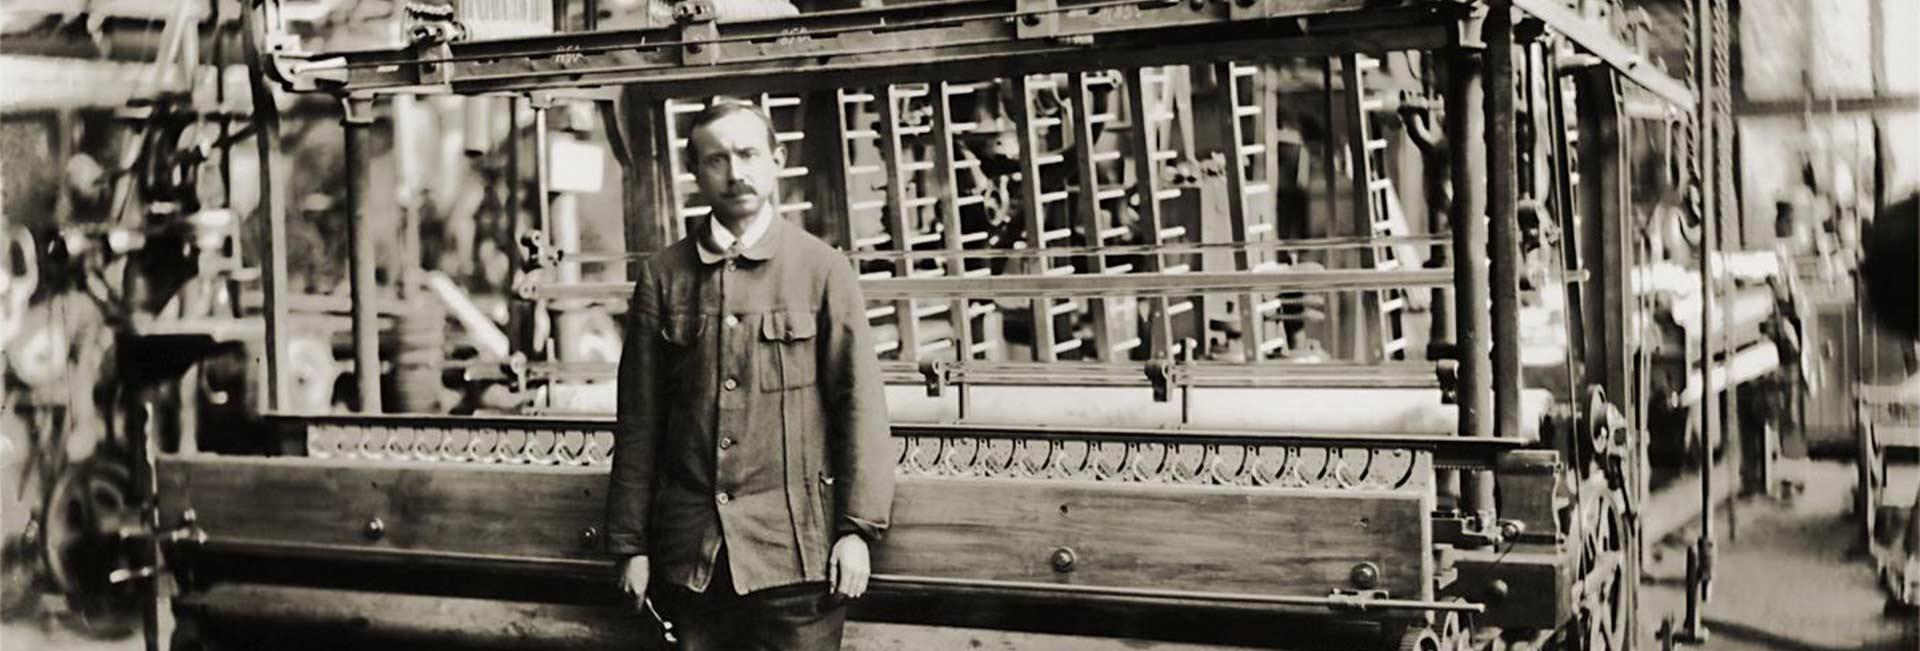 Historie – ZSK Stickmaschinen